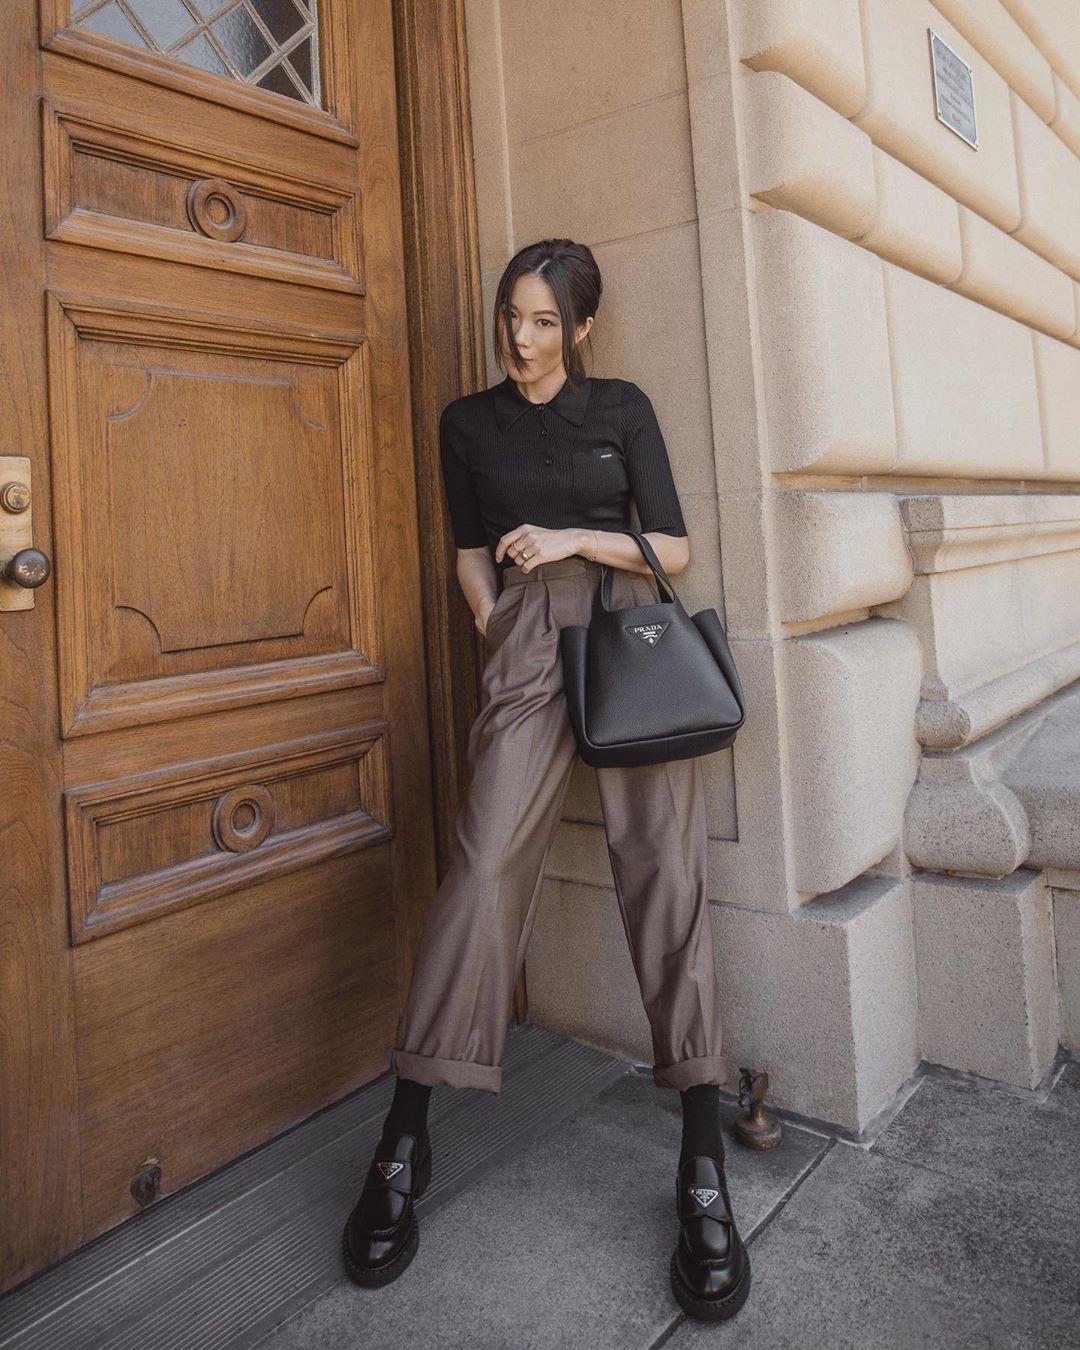 cô gái mặc áo đen quần nâu đeo túi xách đen